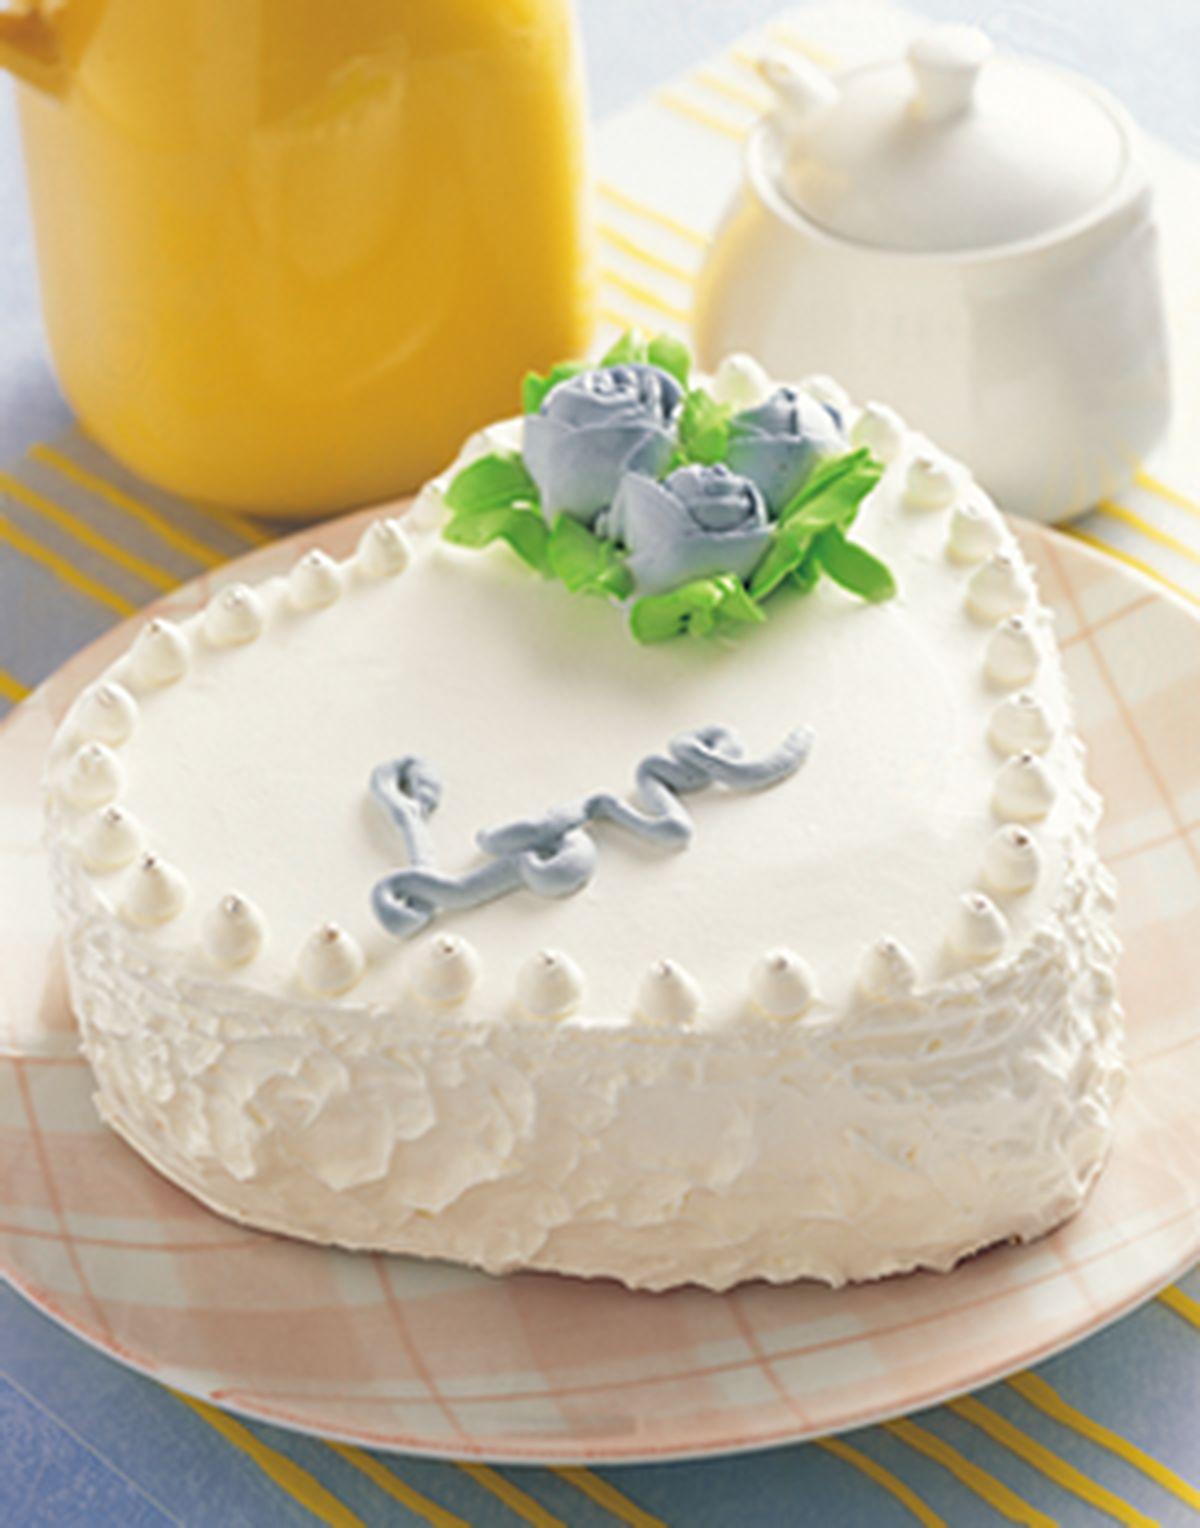 食譜:情人節蛋糕